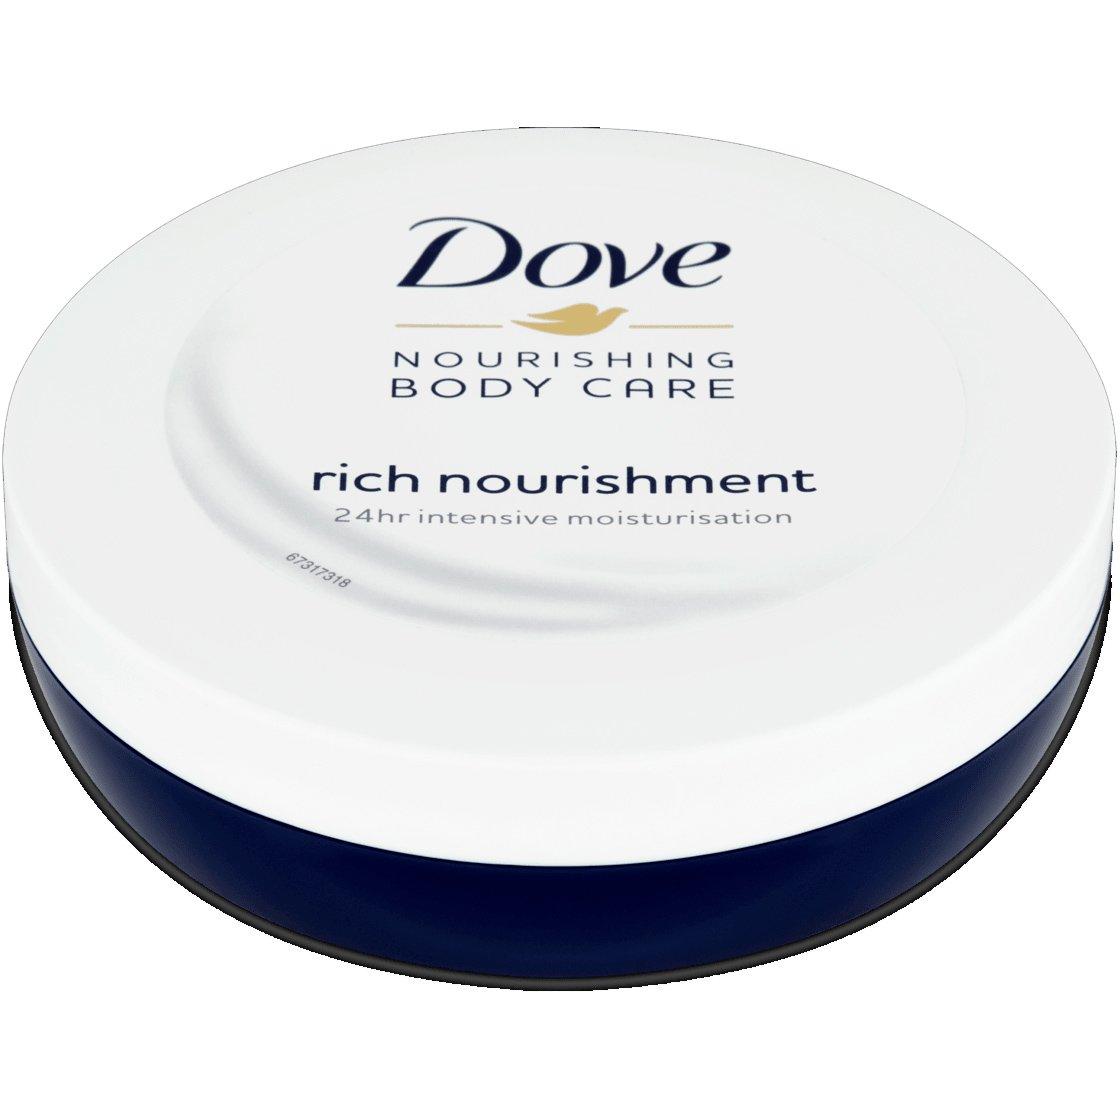 Dove Rich Nourishment Body Cream Θρεπτική Ενυδατική Κρέμα Σώματος για 24η Άνεση Ακόμα & στις Ευαίσθητες Επιδερμίδες 150ml